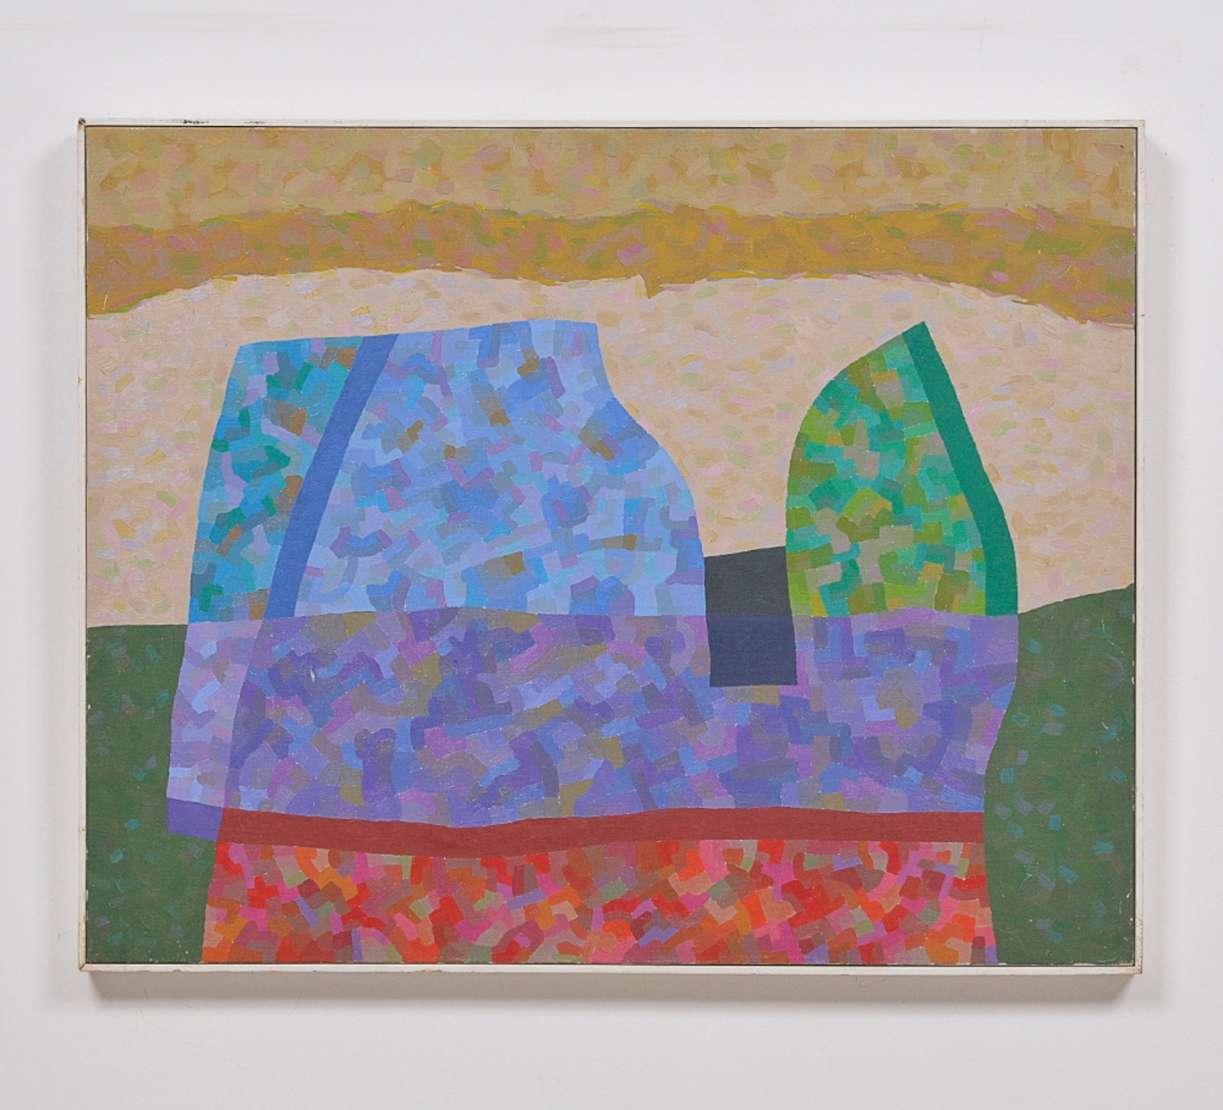 """José Maria Dias da Cruz (1935), Pássaro antes da tempestade"""", 2003 - Acrílica s/ tela<br>Ass. verso"""